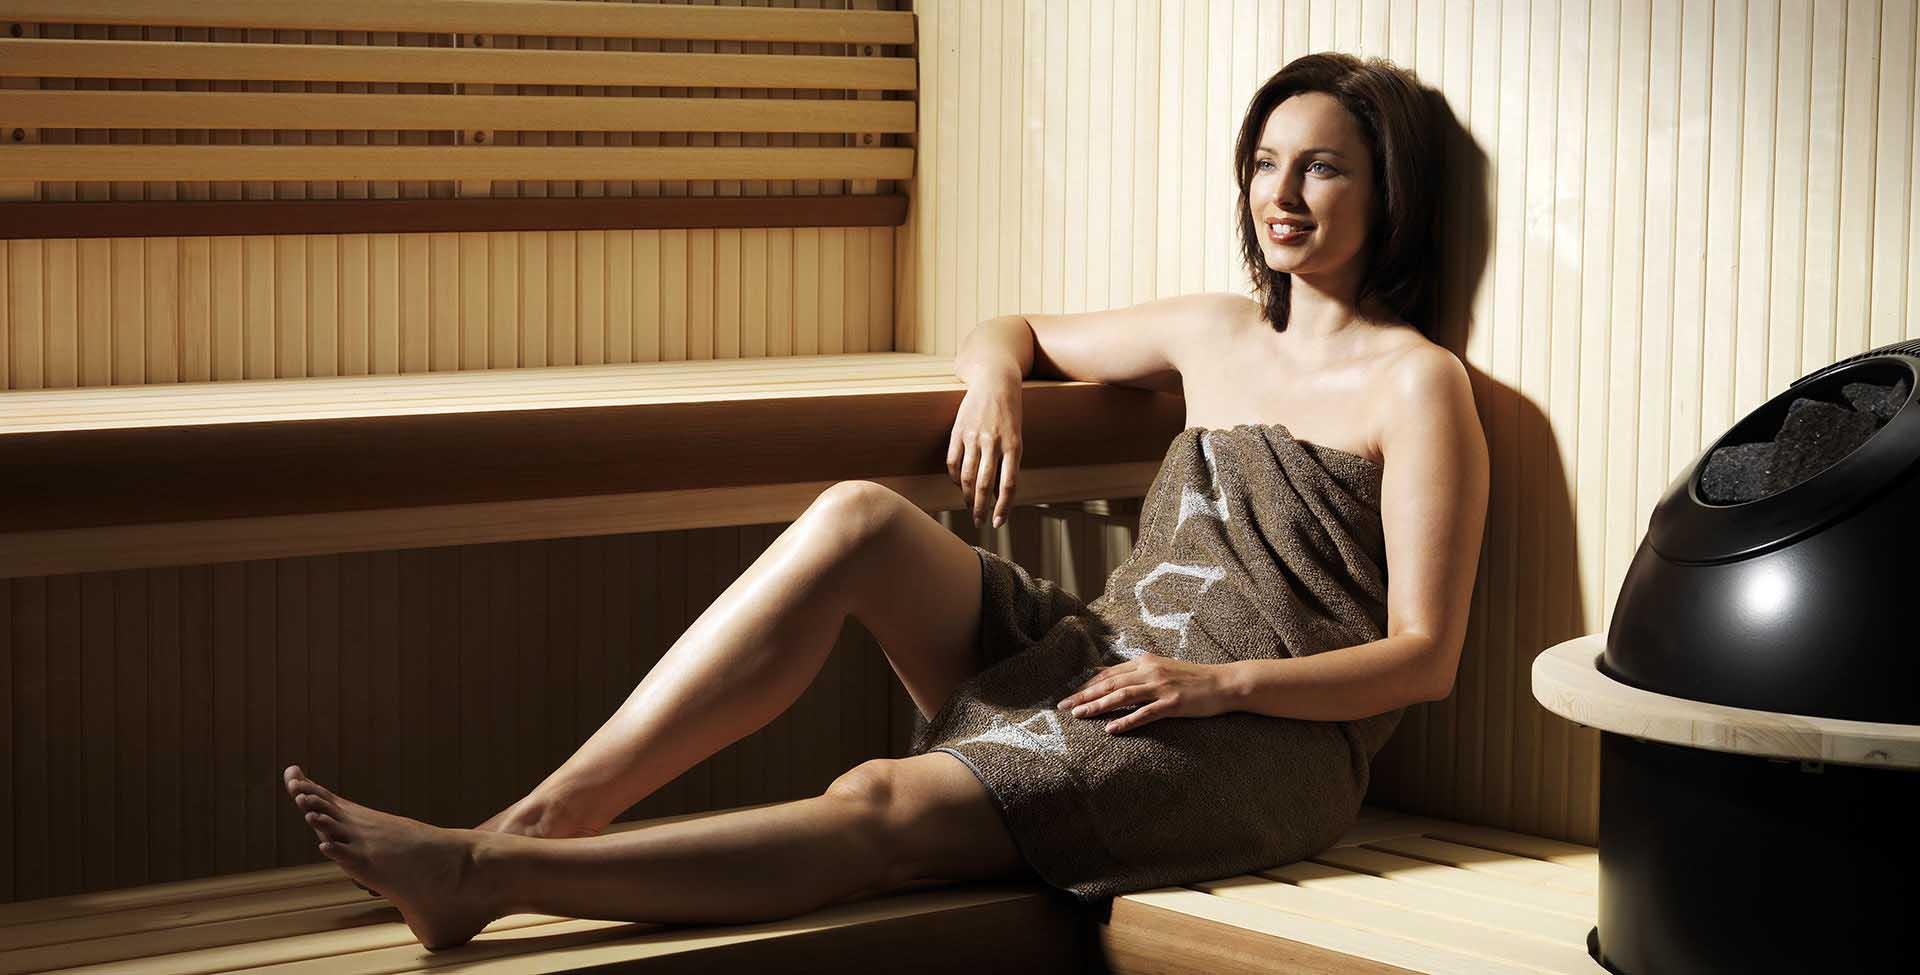 Saunas Be Happier Image